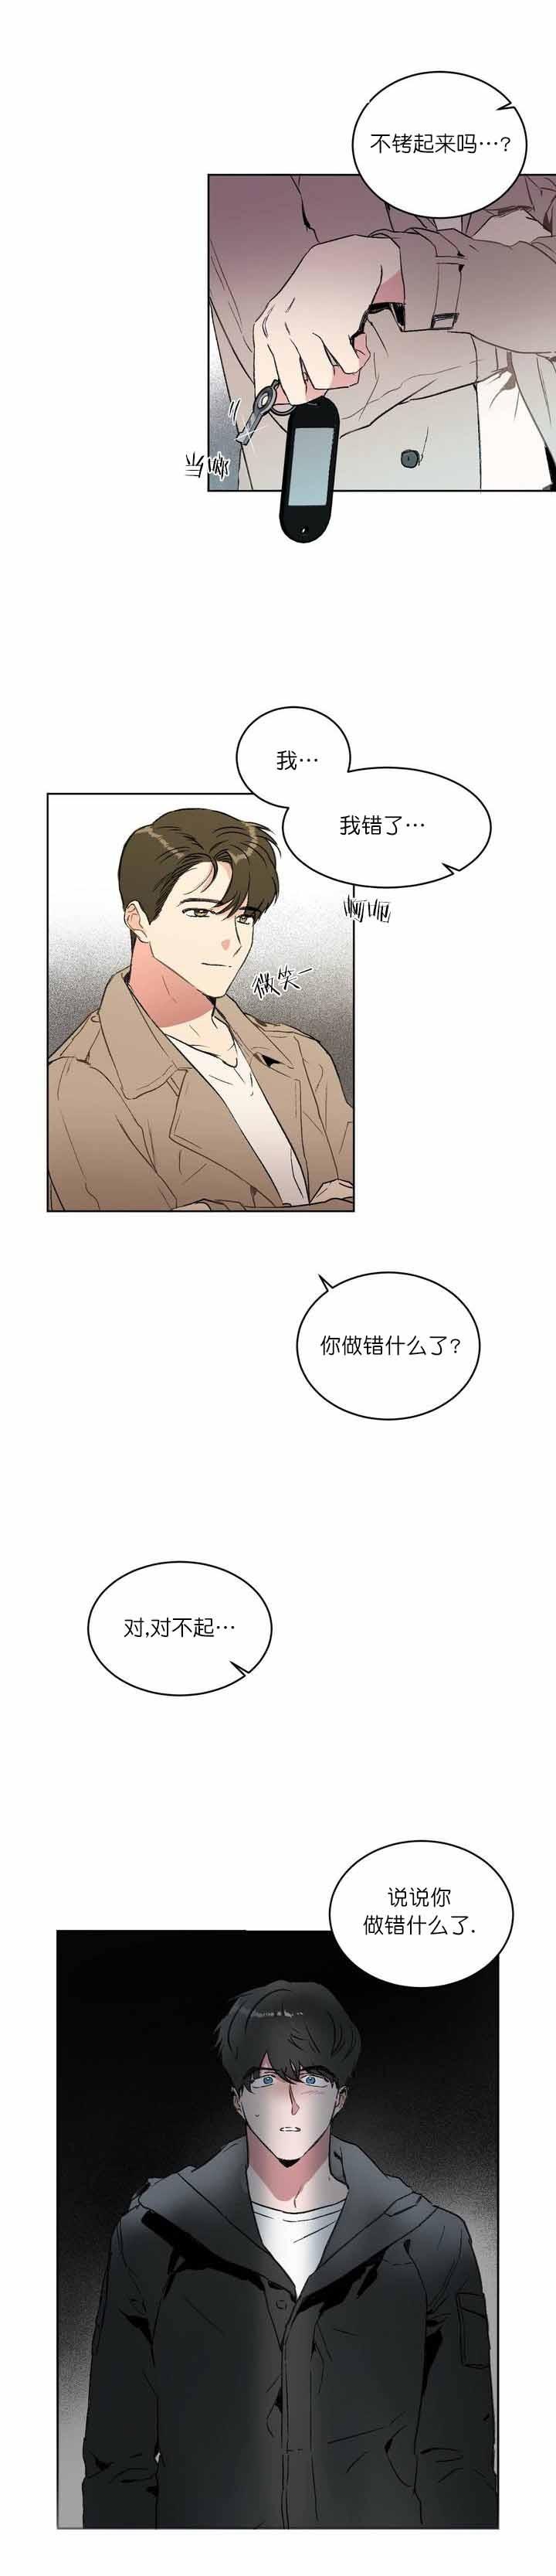 韩漫  《特别讲义》表面清纯师生,背地里叫主人  第9张